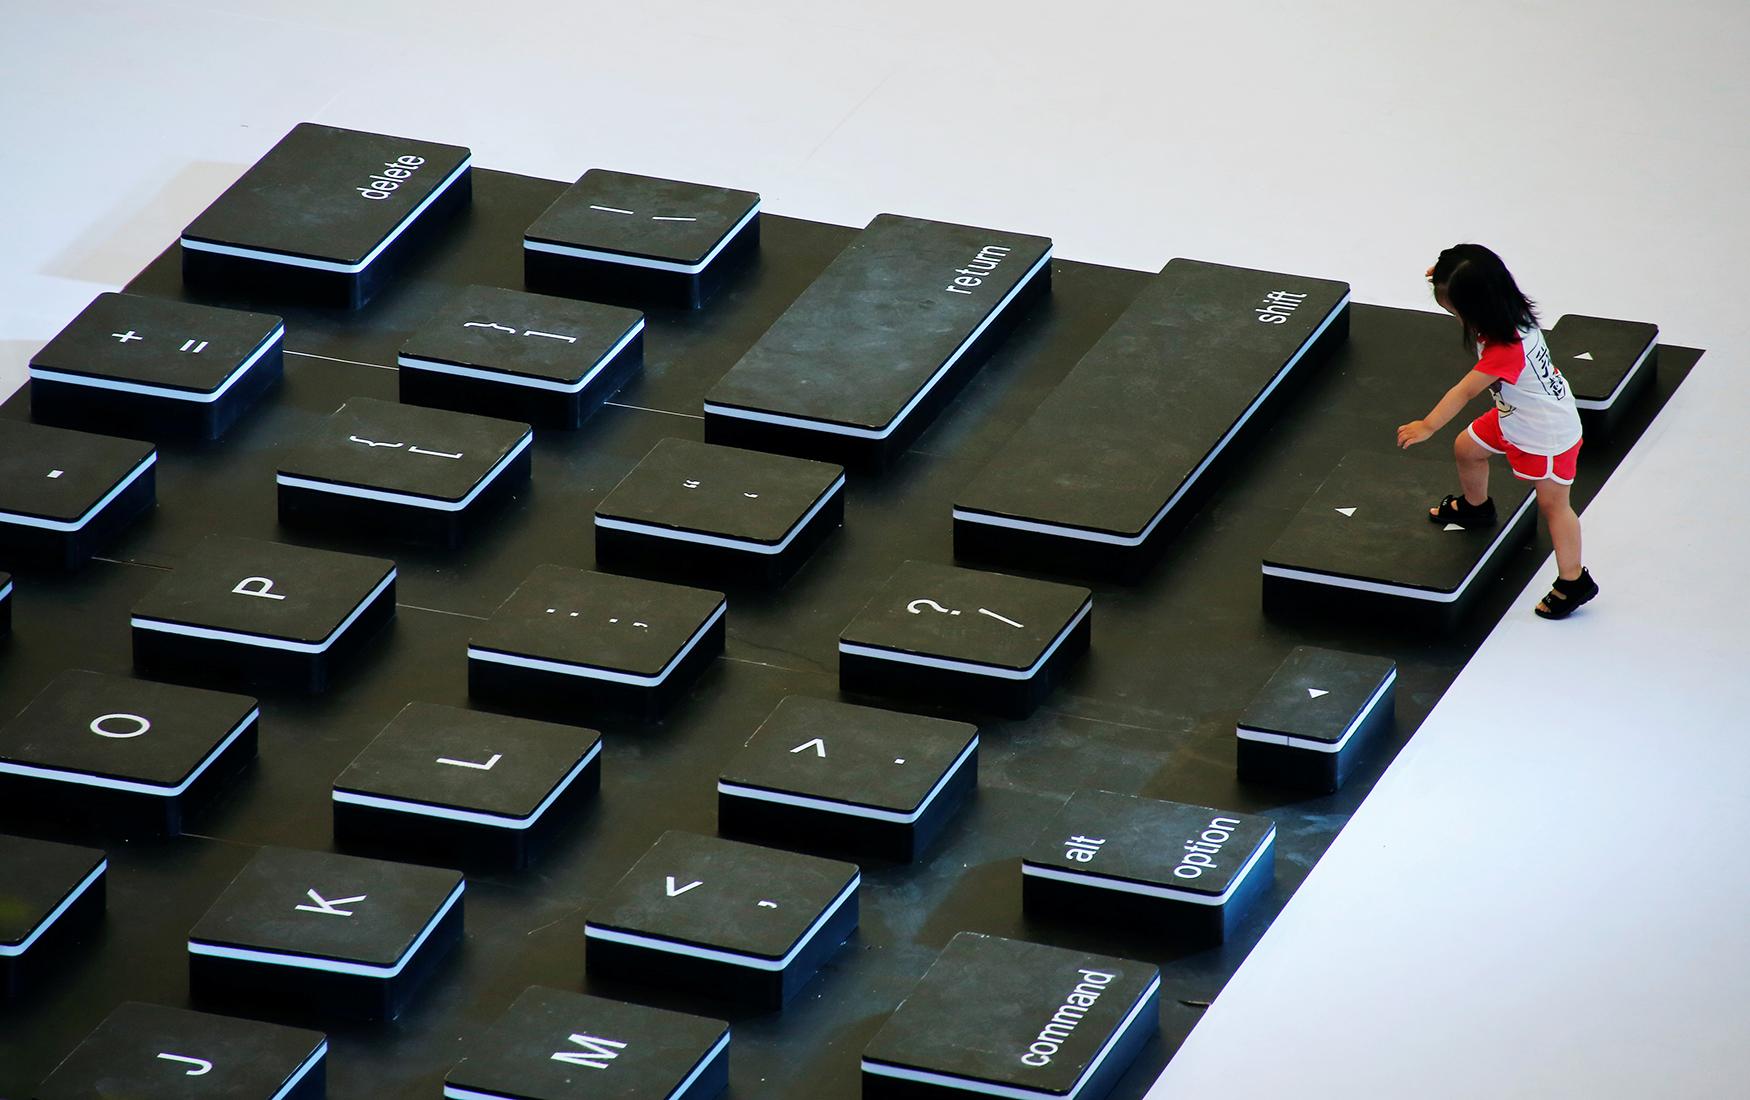 Великий российский файрвол: зачем Россия подготовилась к отключению от интернета